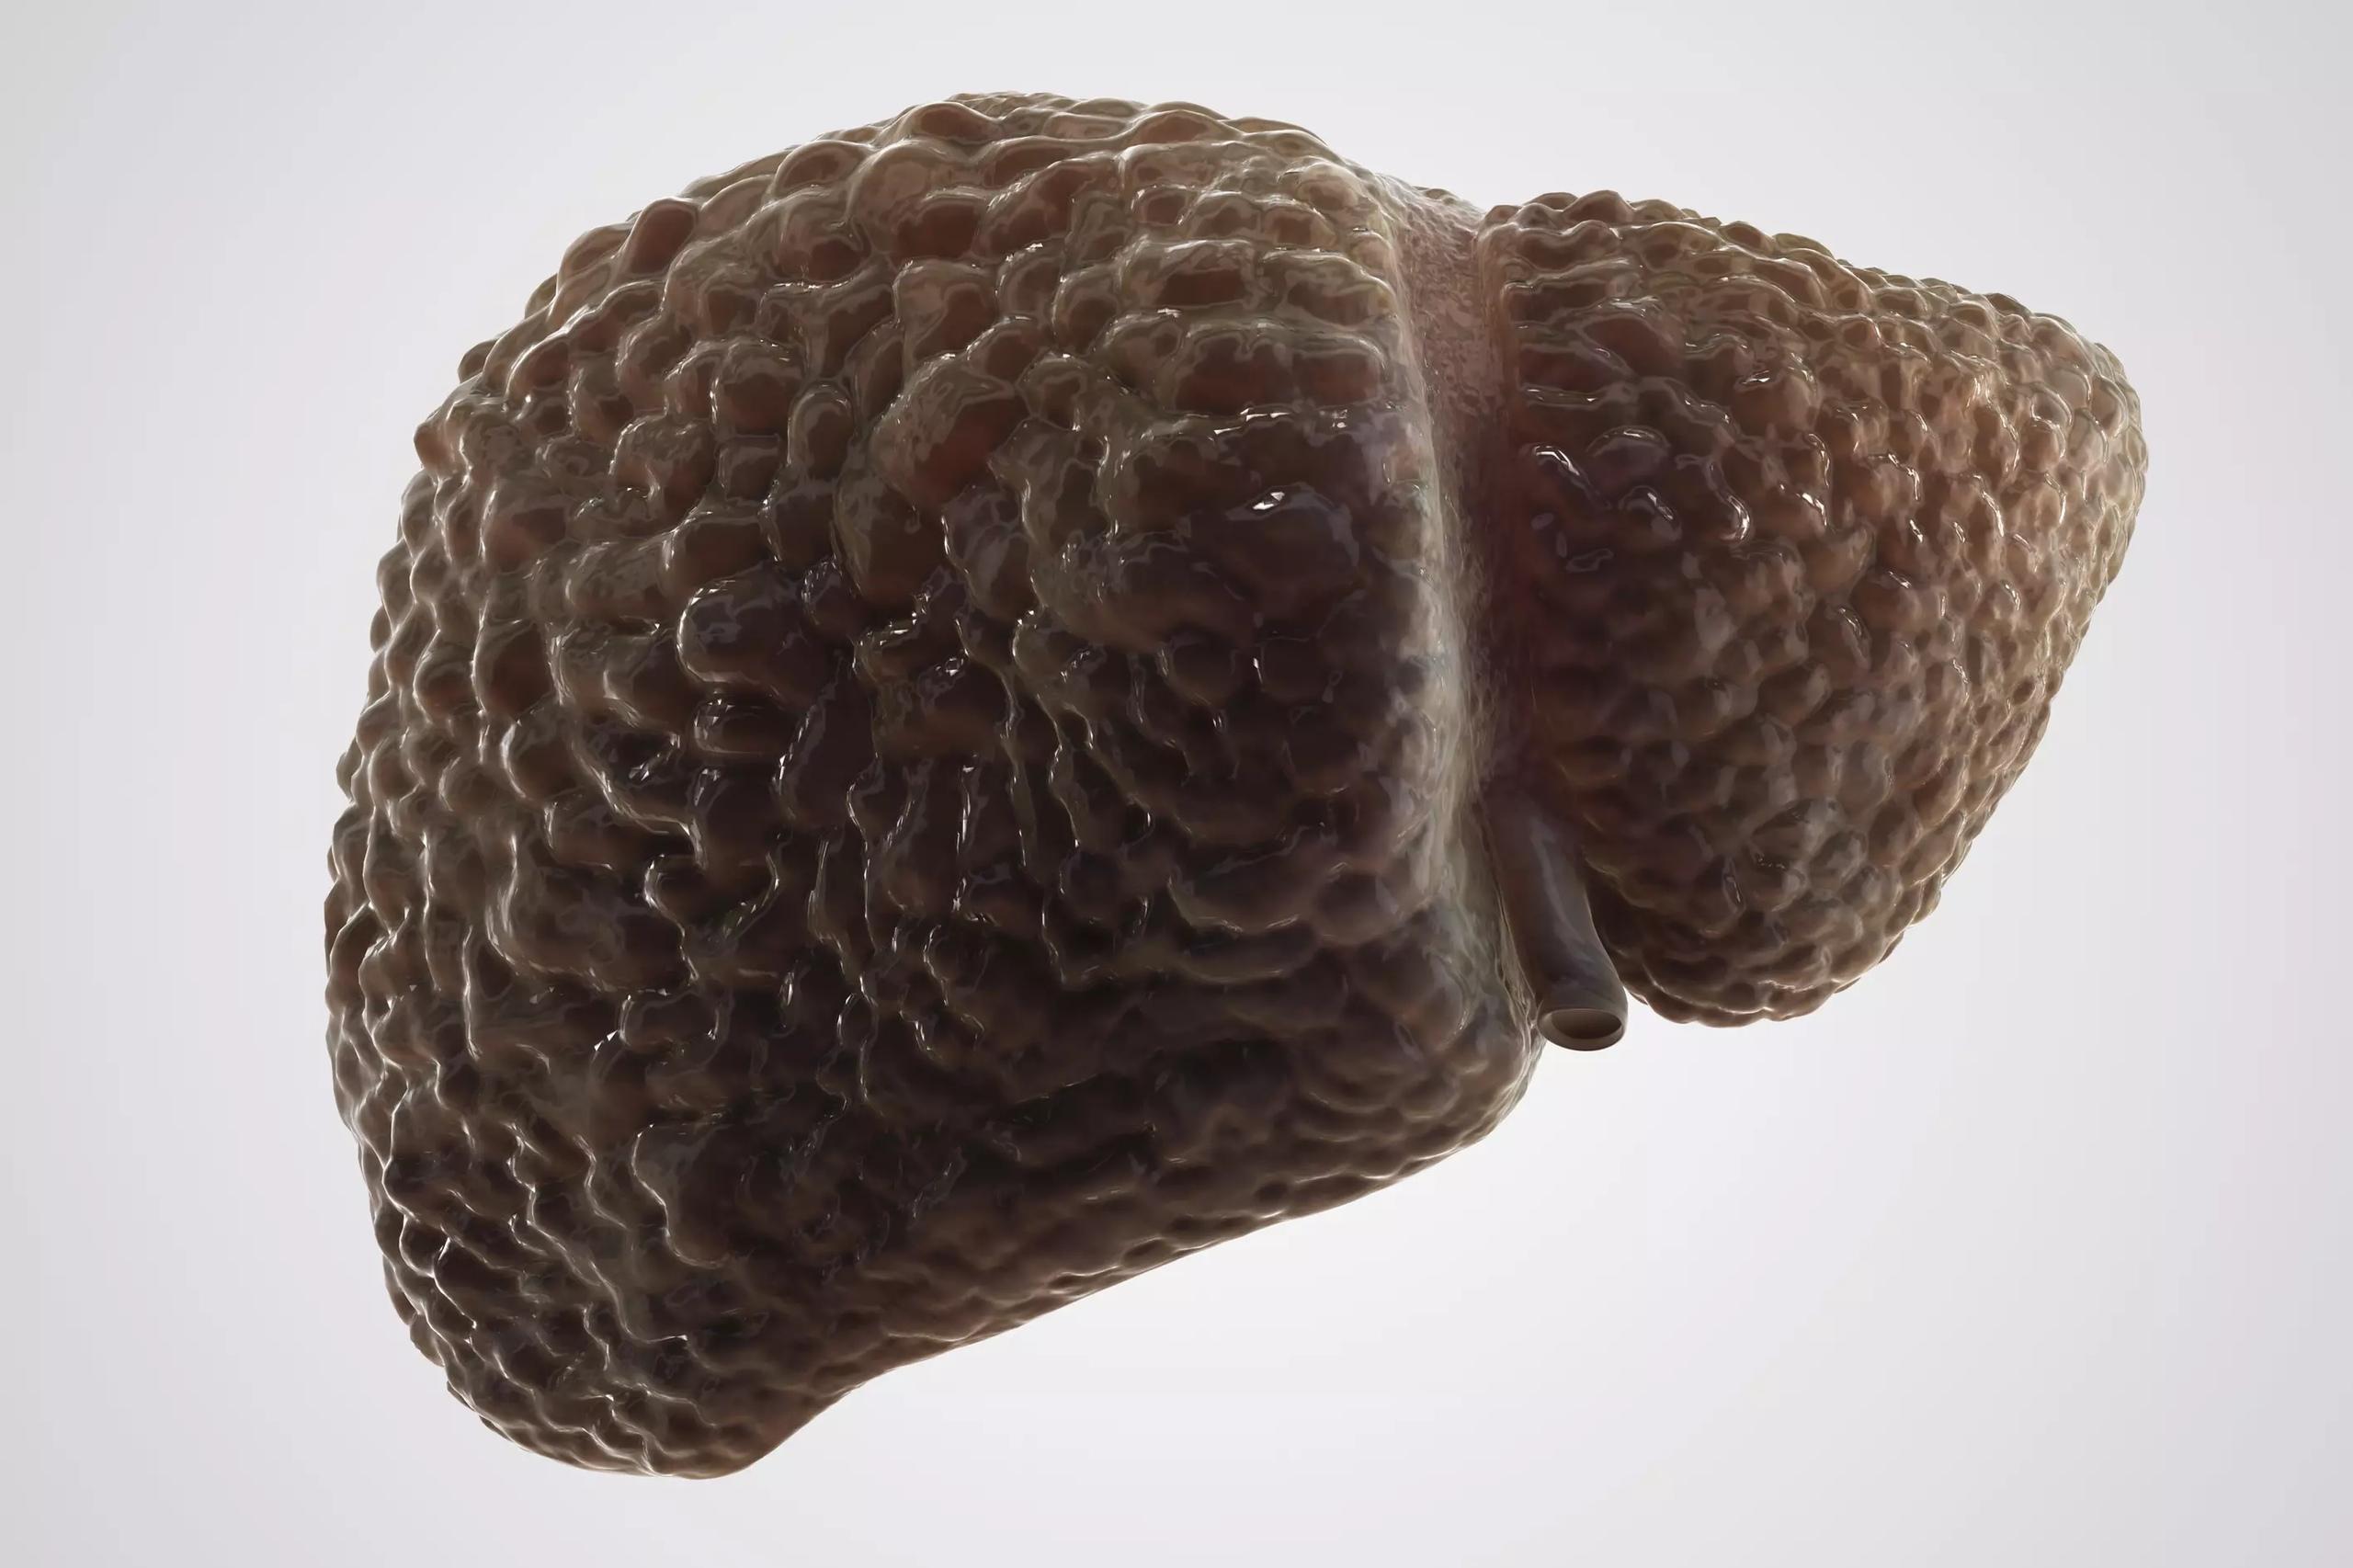 Гепатит С - это РНК-вирус, который вызывает гепатит или воспаление печени